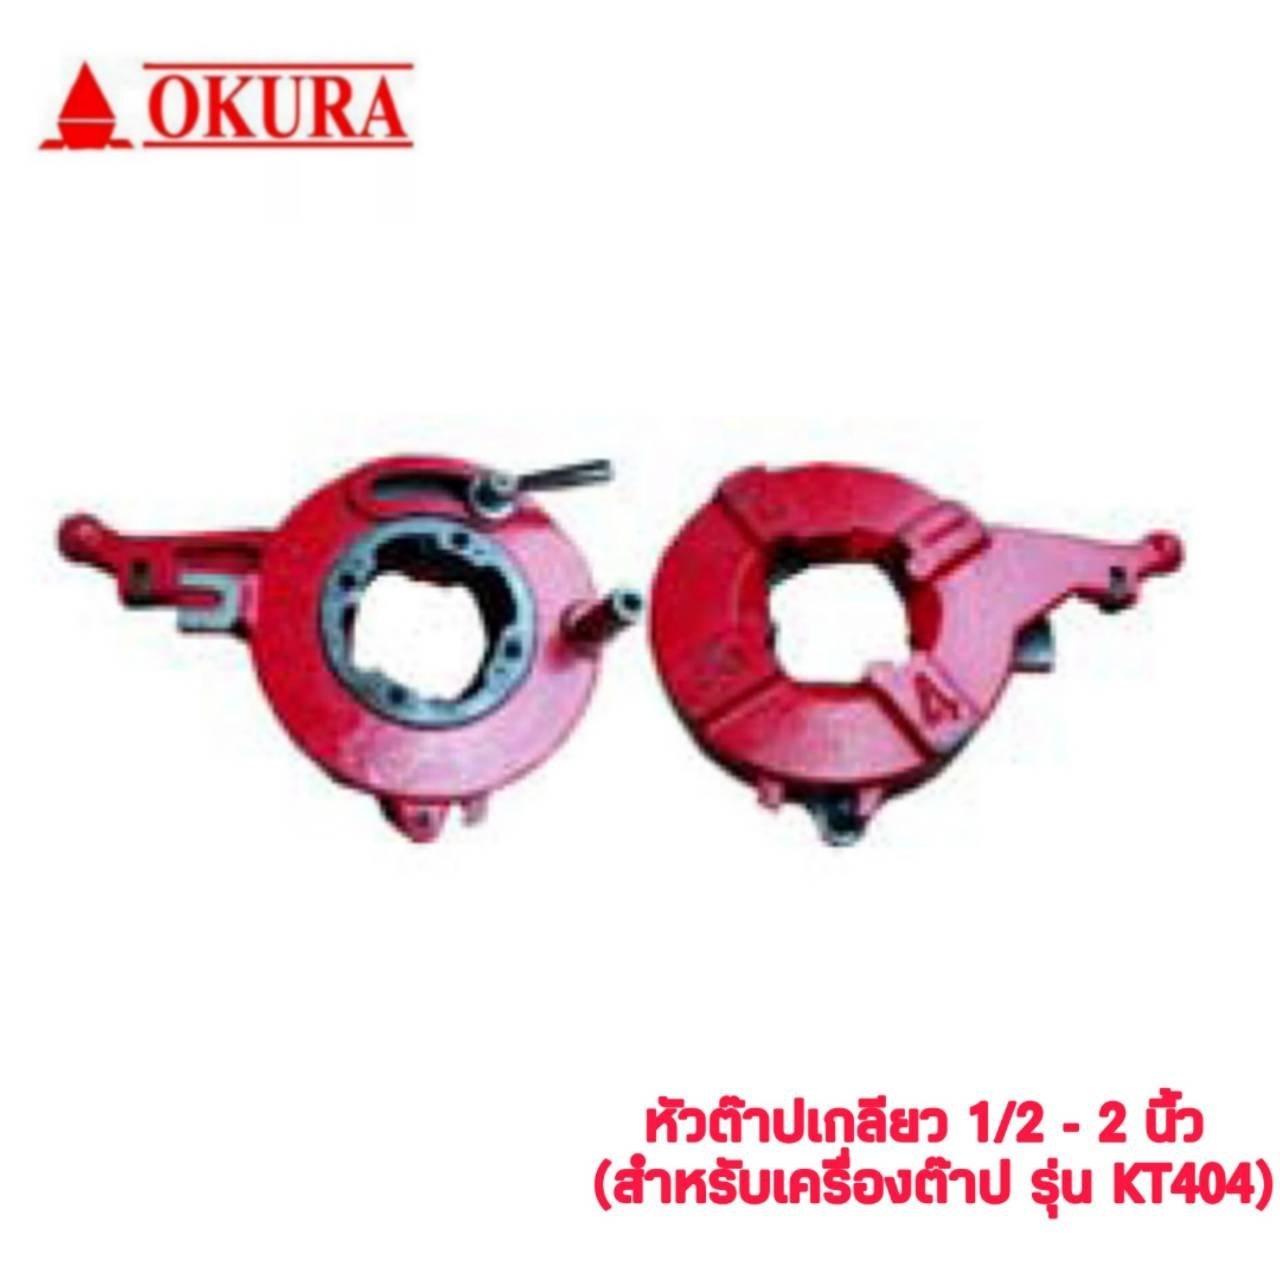 หัวต๊าปเกลียว OKURA  KT-404 ขนาด 1/2-2 นิ้ว (ใช้ได้ทั้งฟัน BSPT และ NPT)